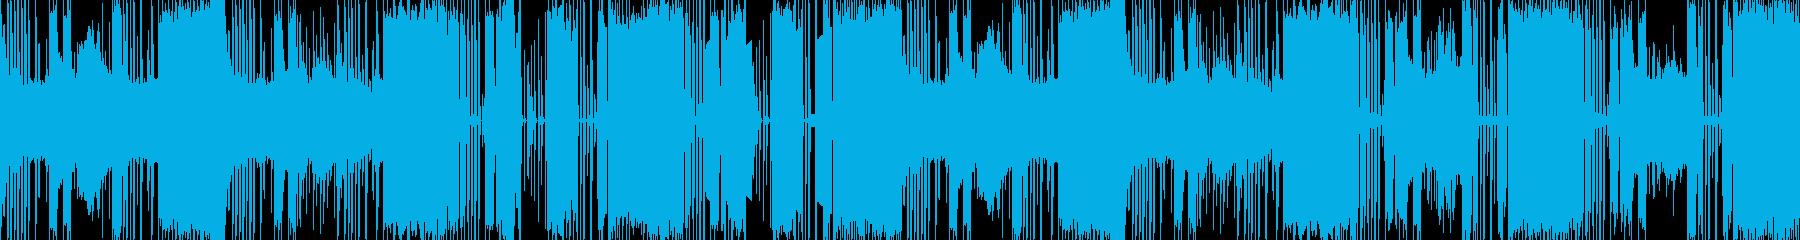 ビートがかっこいいエレクトロサウンドの再生済みの波形